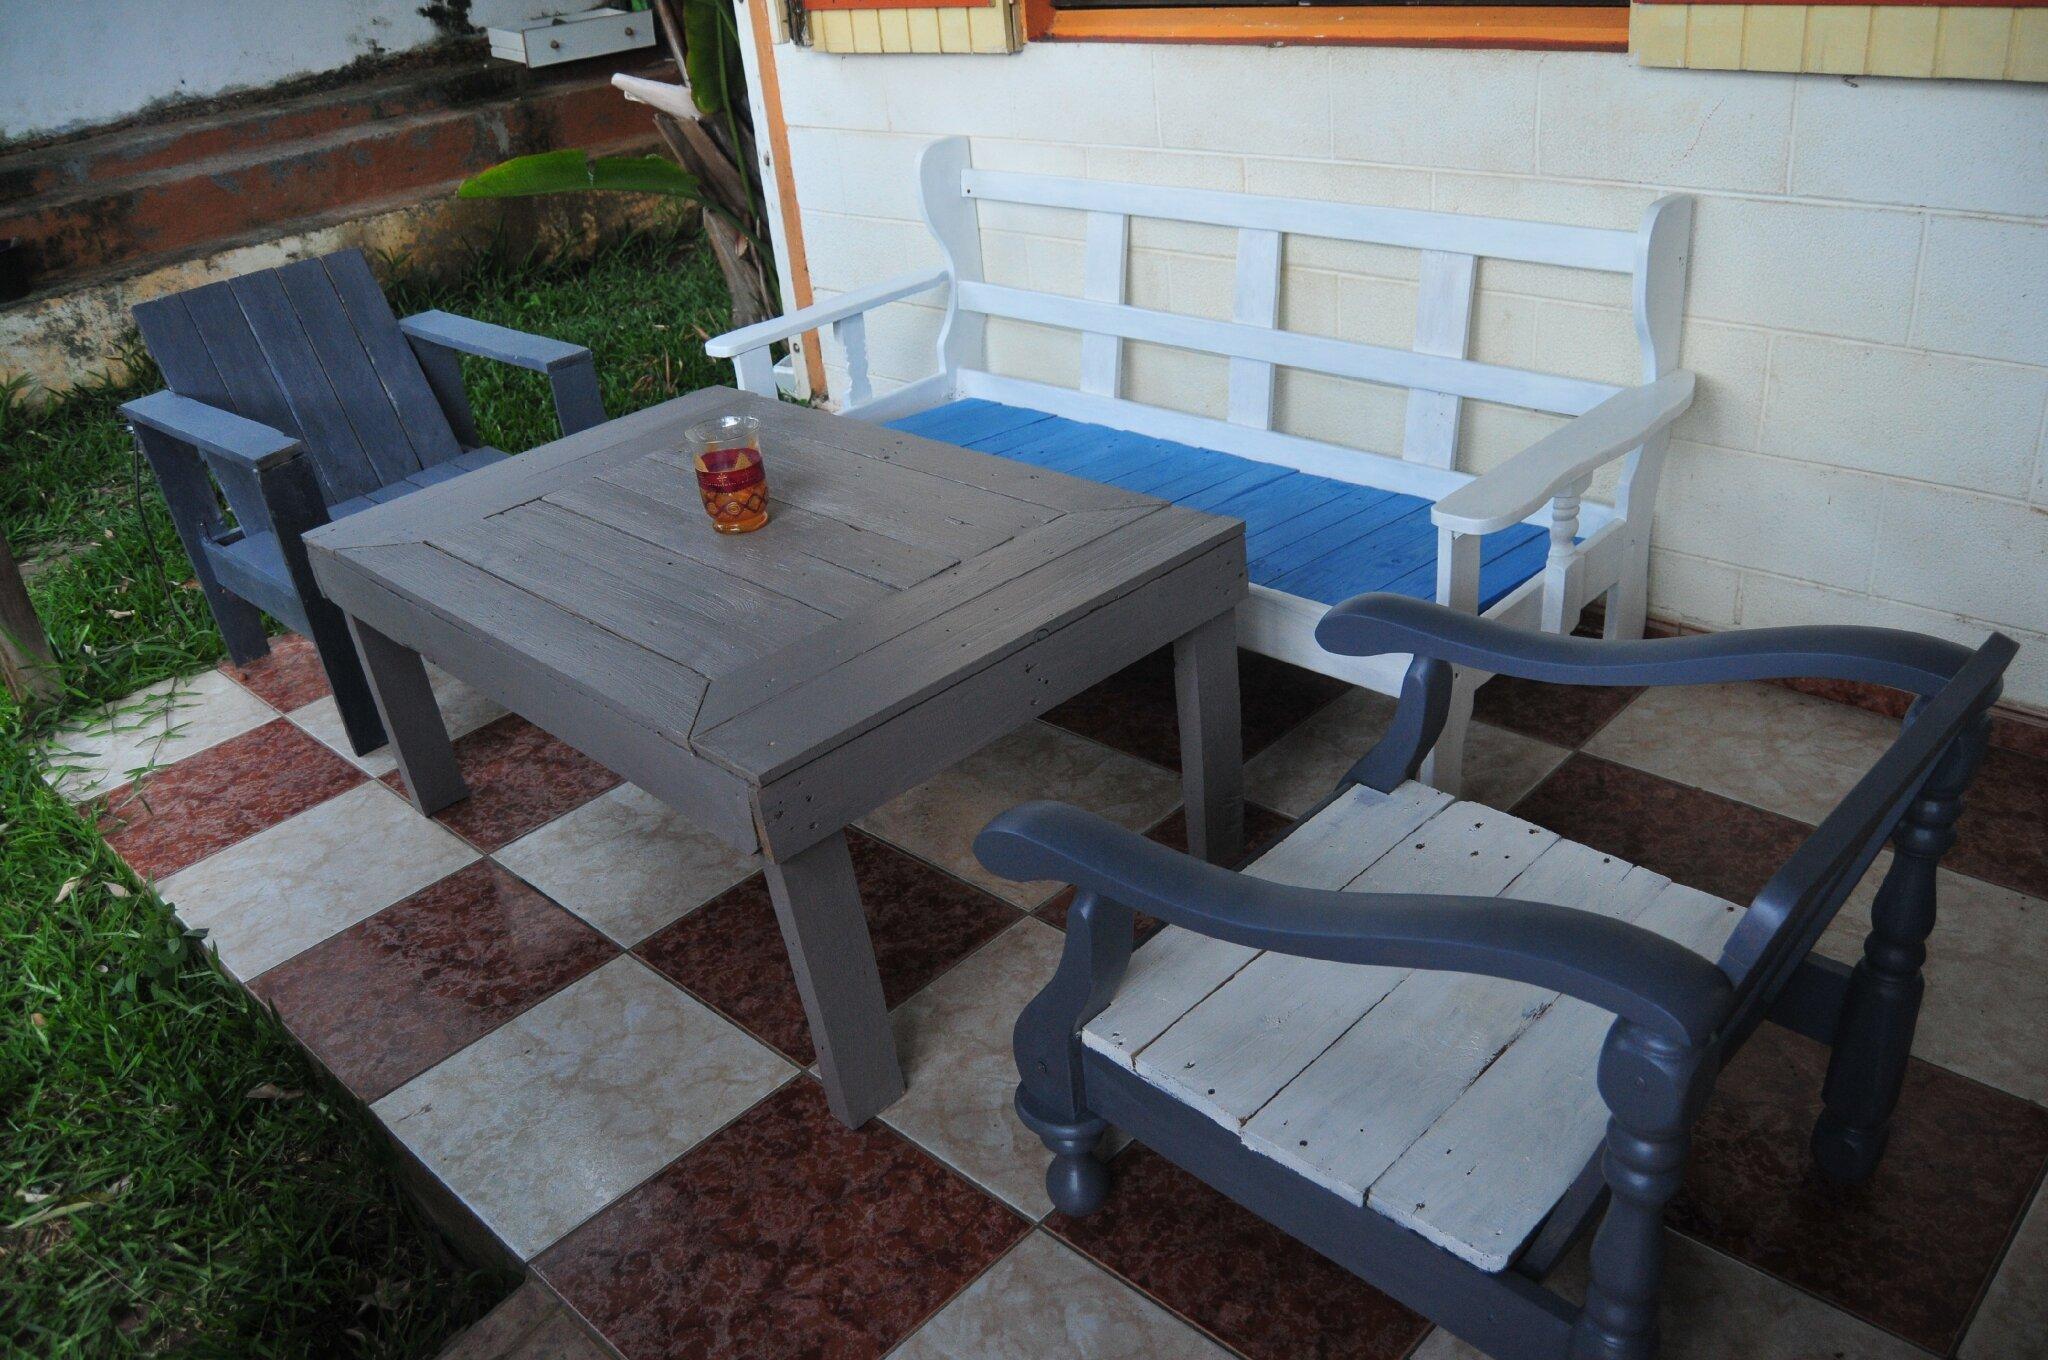 concours mobilier jardin cdb cr ations et meubles en bois de palettes recycl es. Black Bedroom Furniture Sets. Home Design Ideas